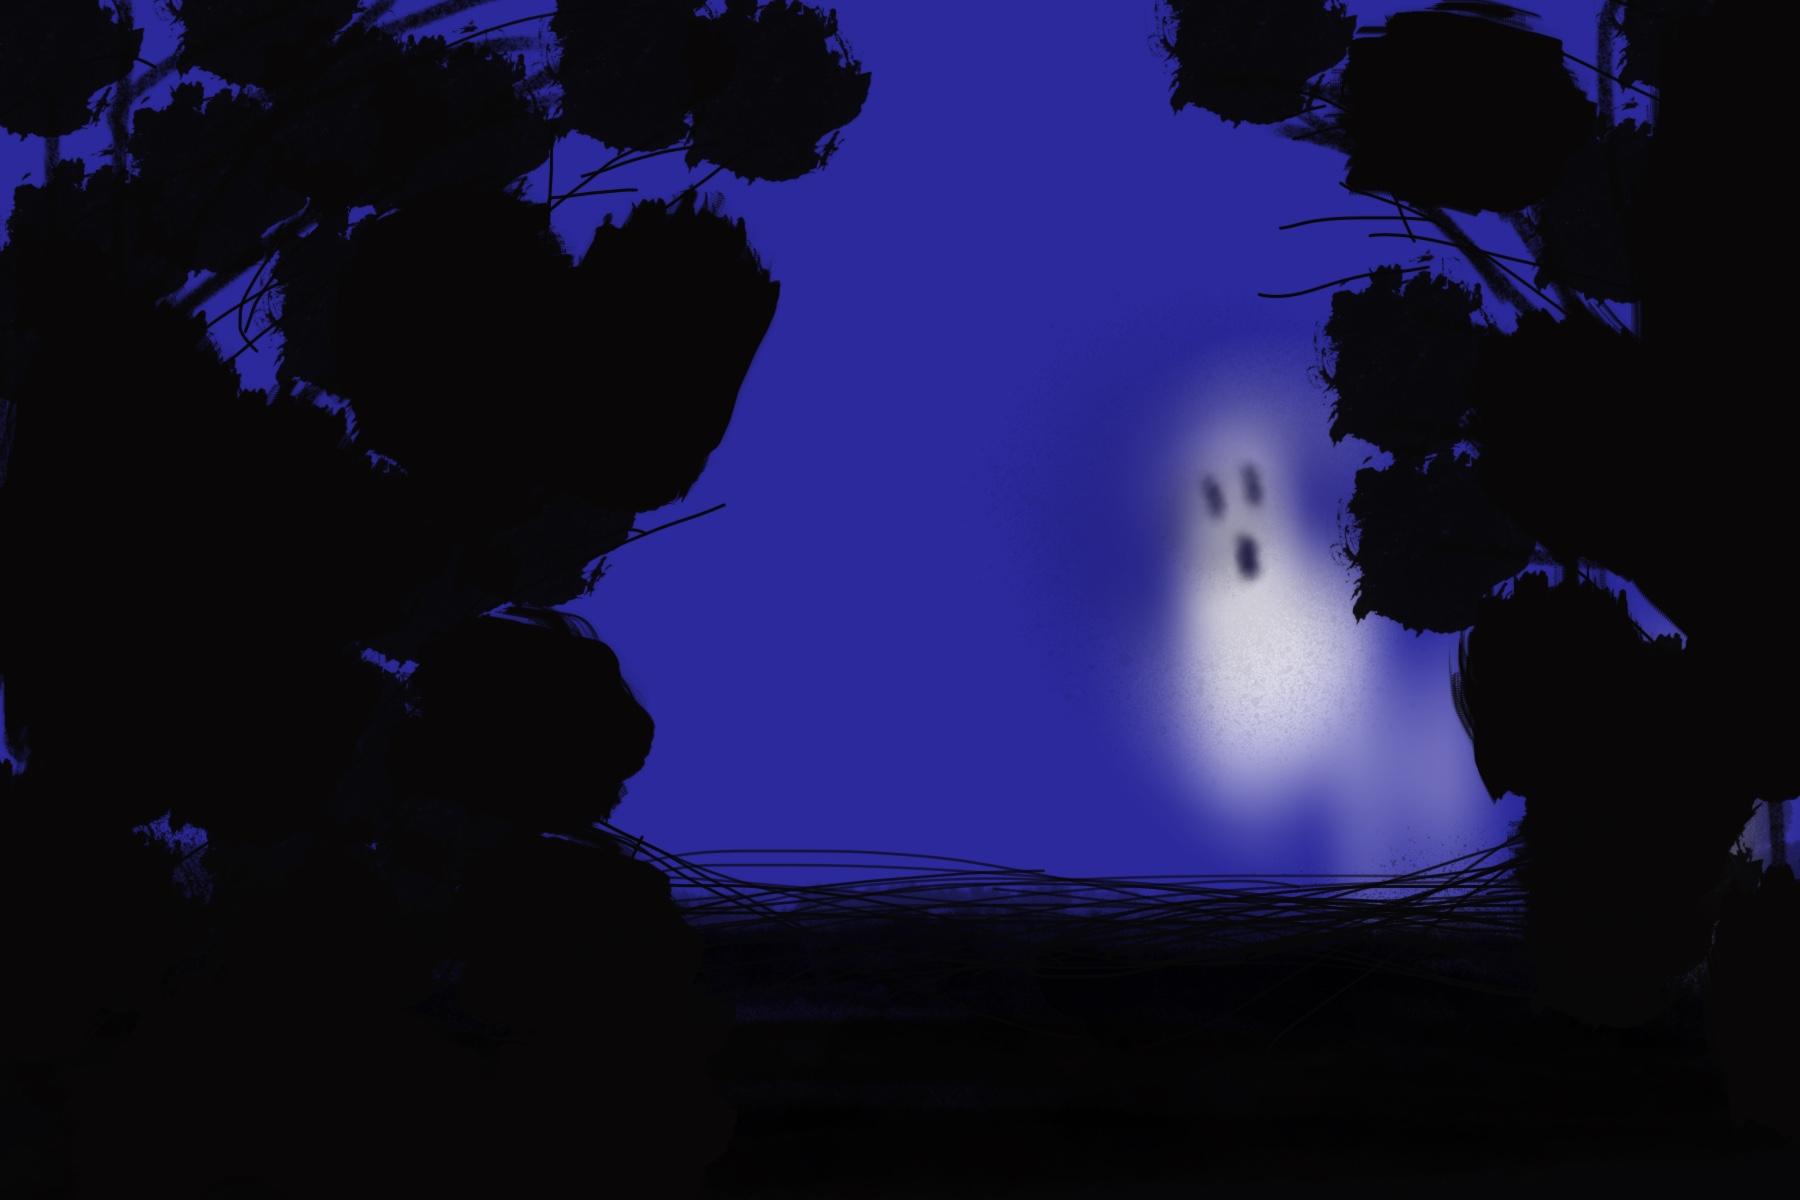 19世紀に本当にあったフレッド・フィッシャーの幽霊伝説